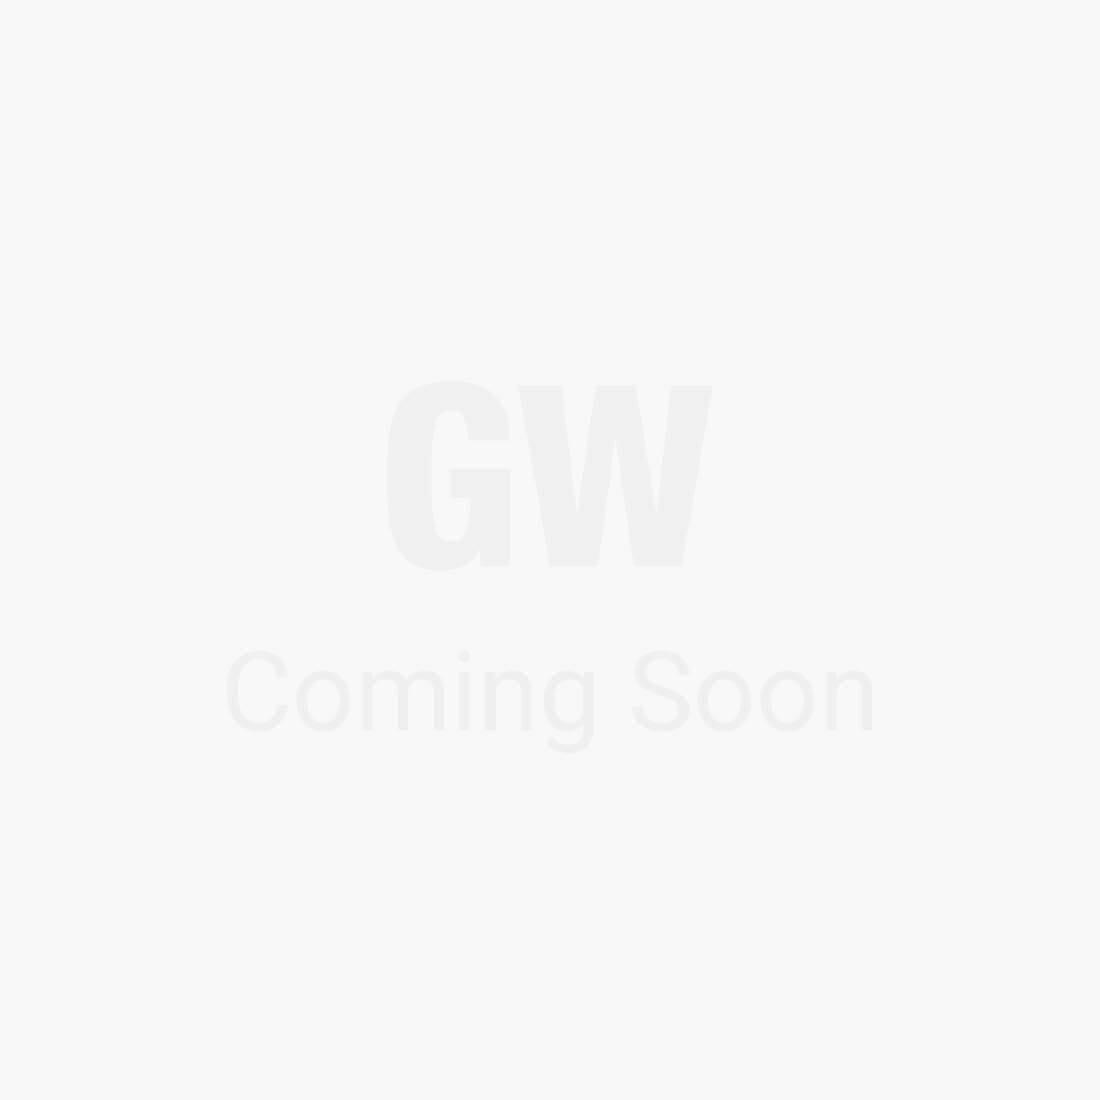 Sinclair 1 Seater Sofa